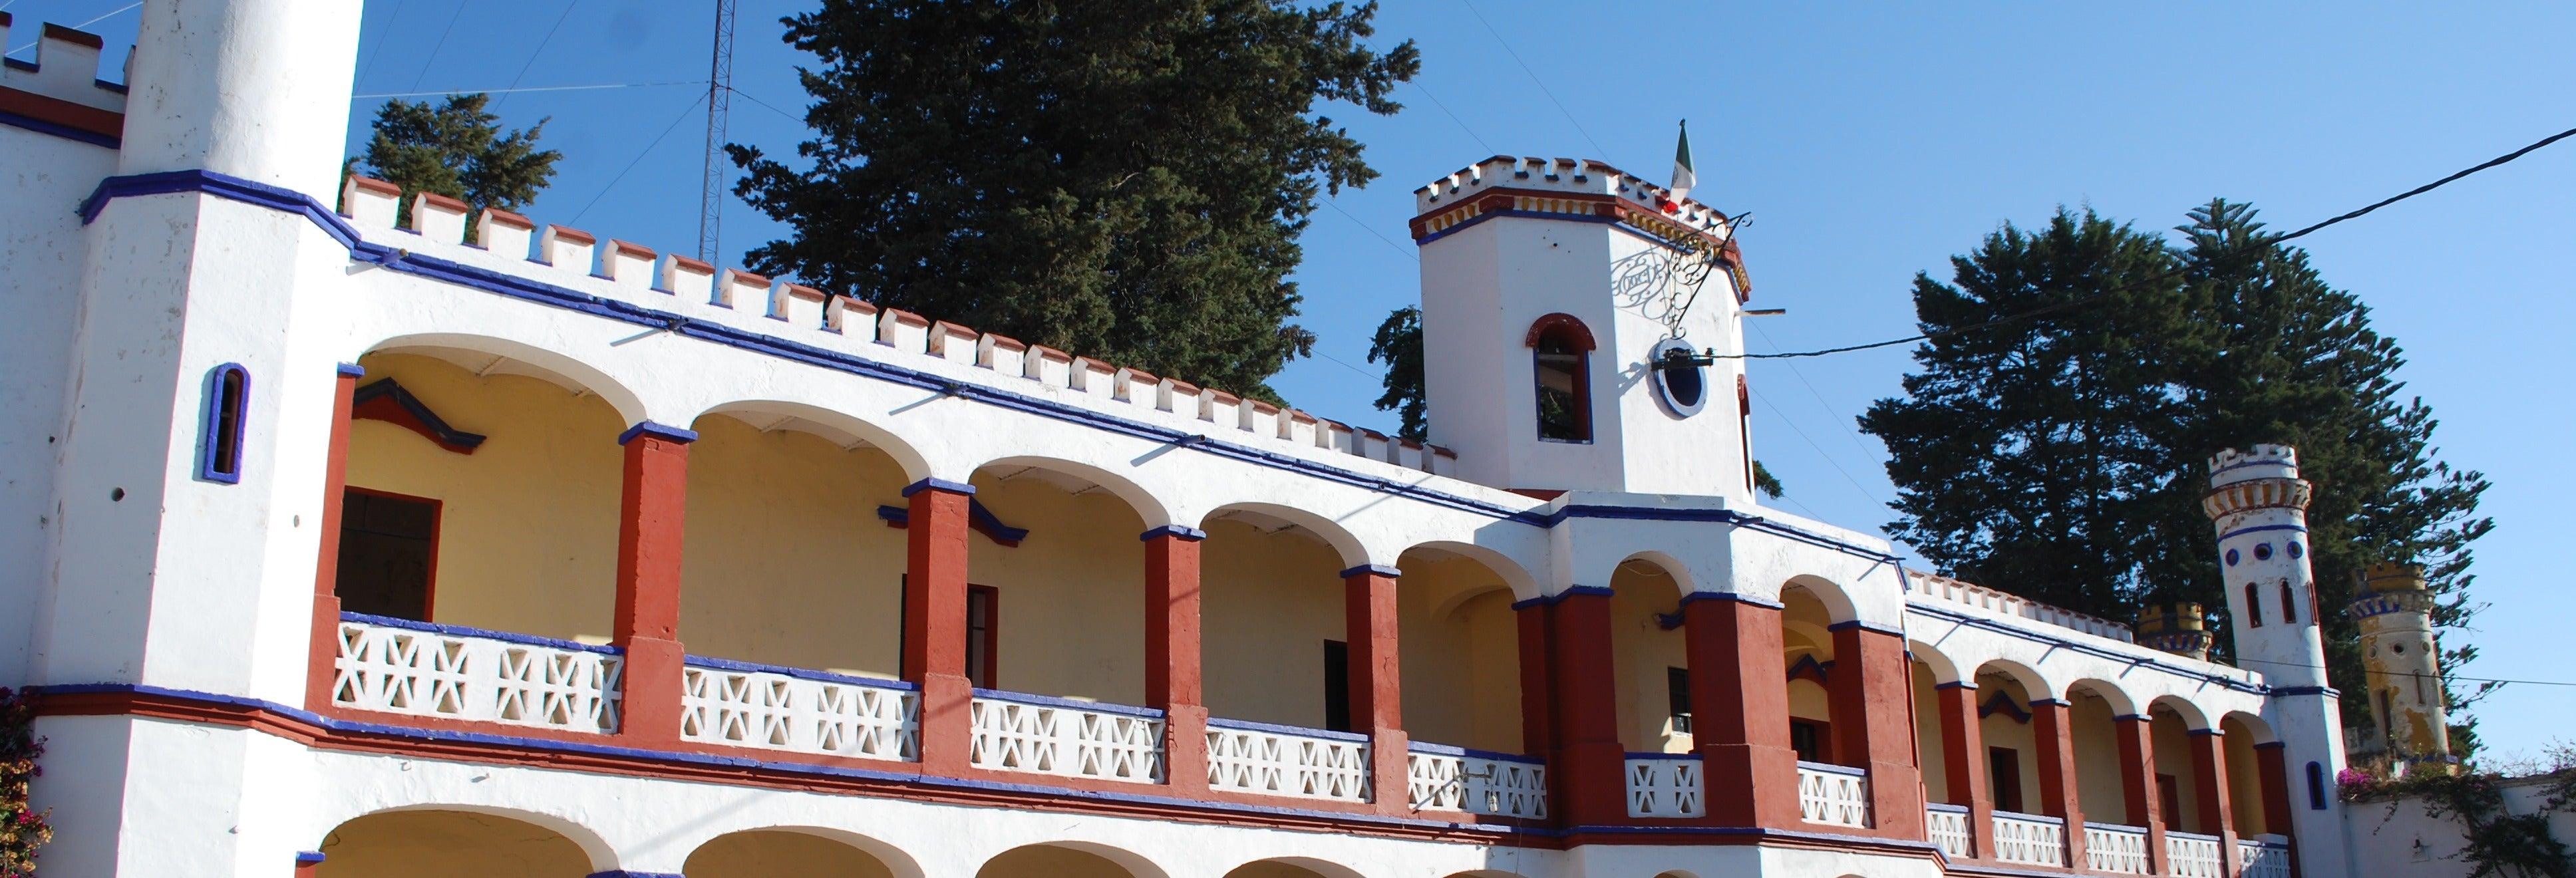 Excursión a la Hacienda de Chautla y santuario de luciérnagas